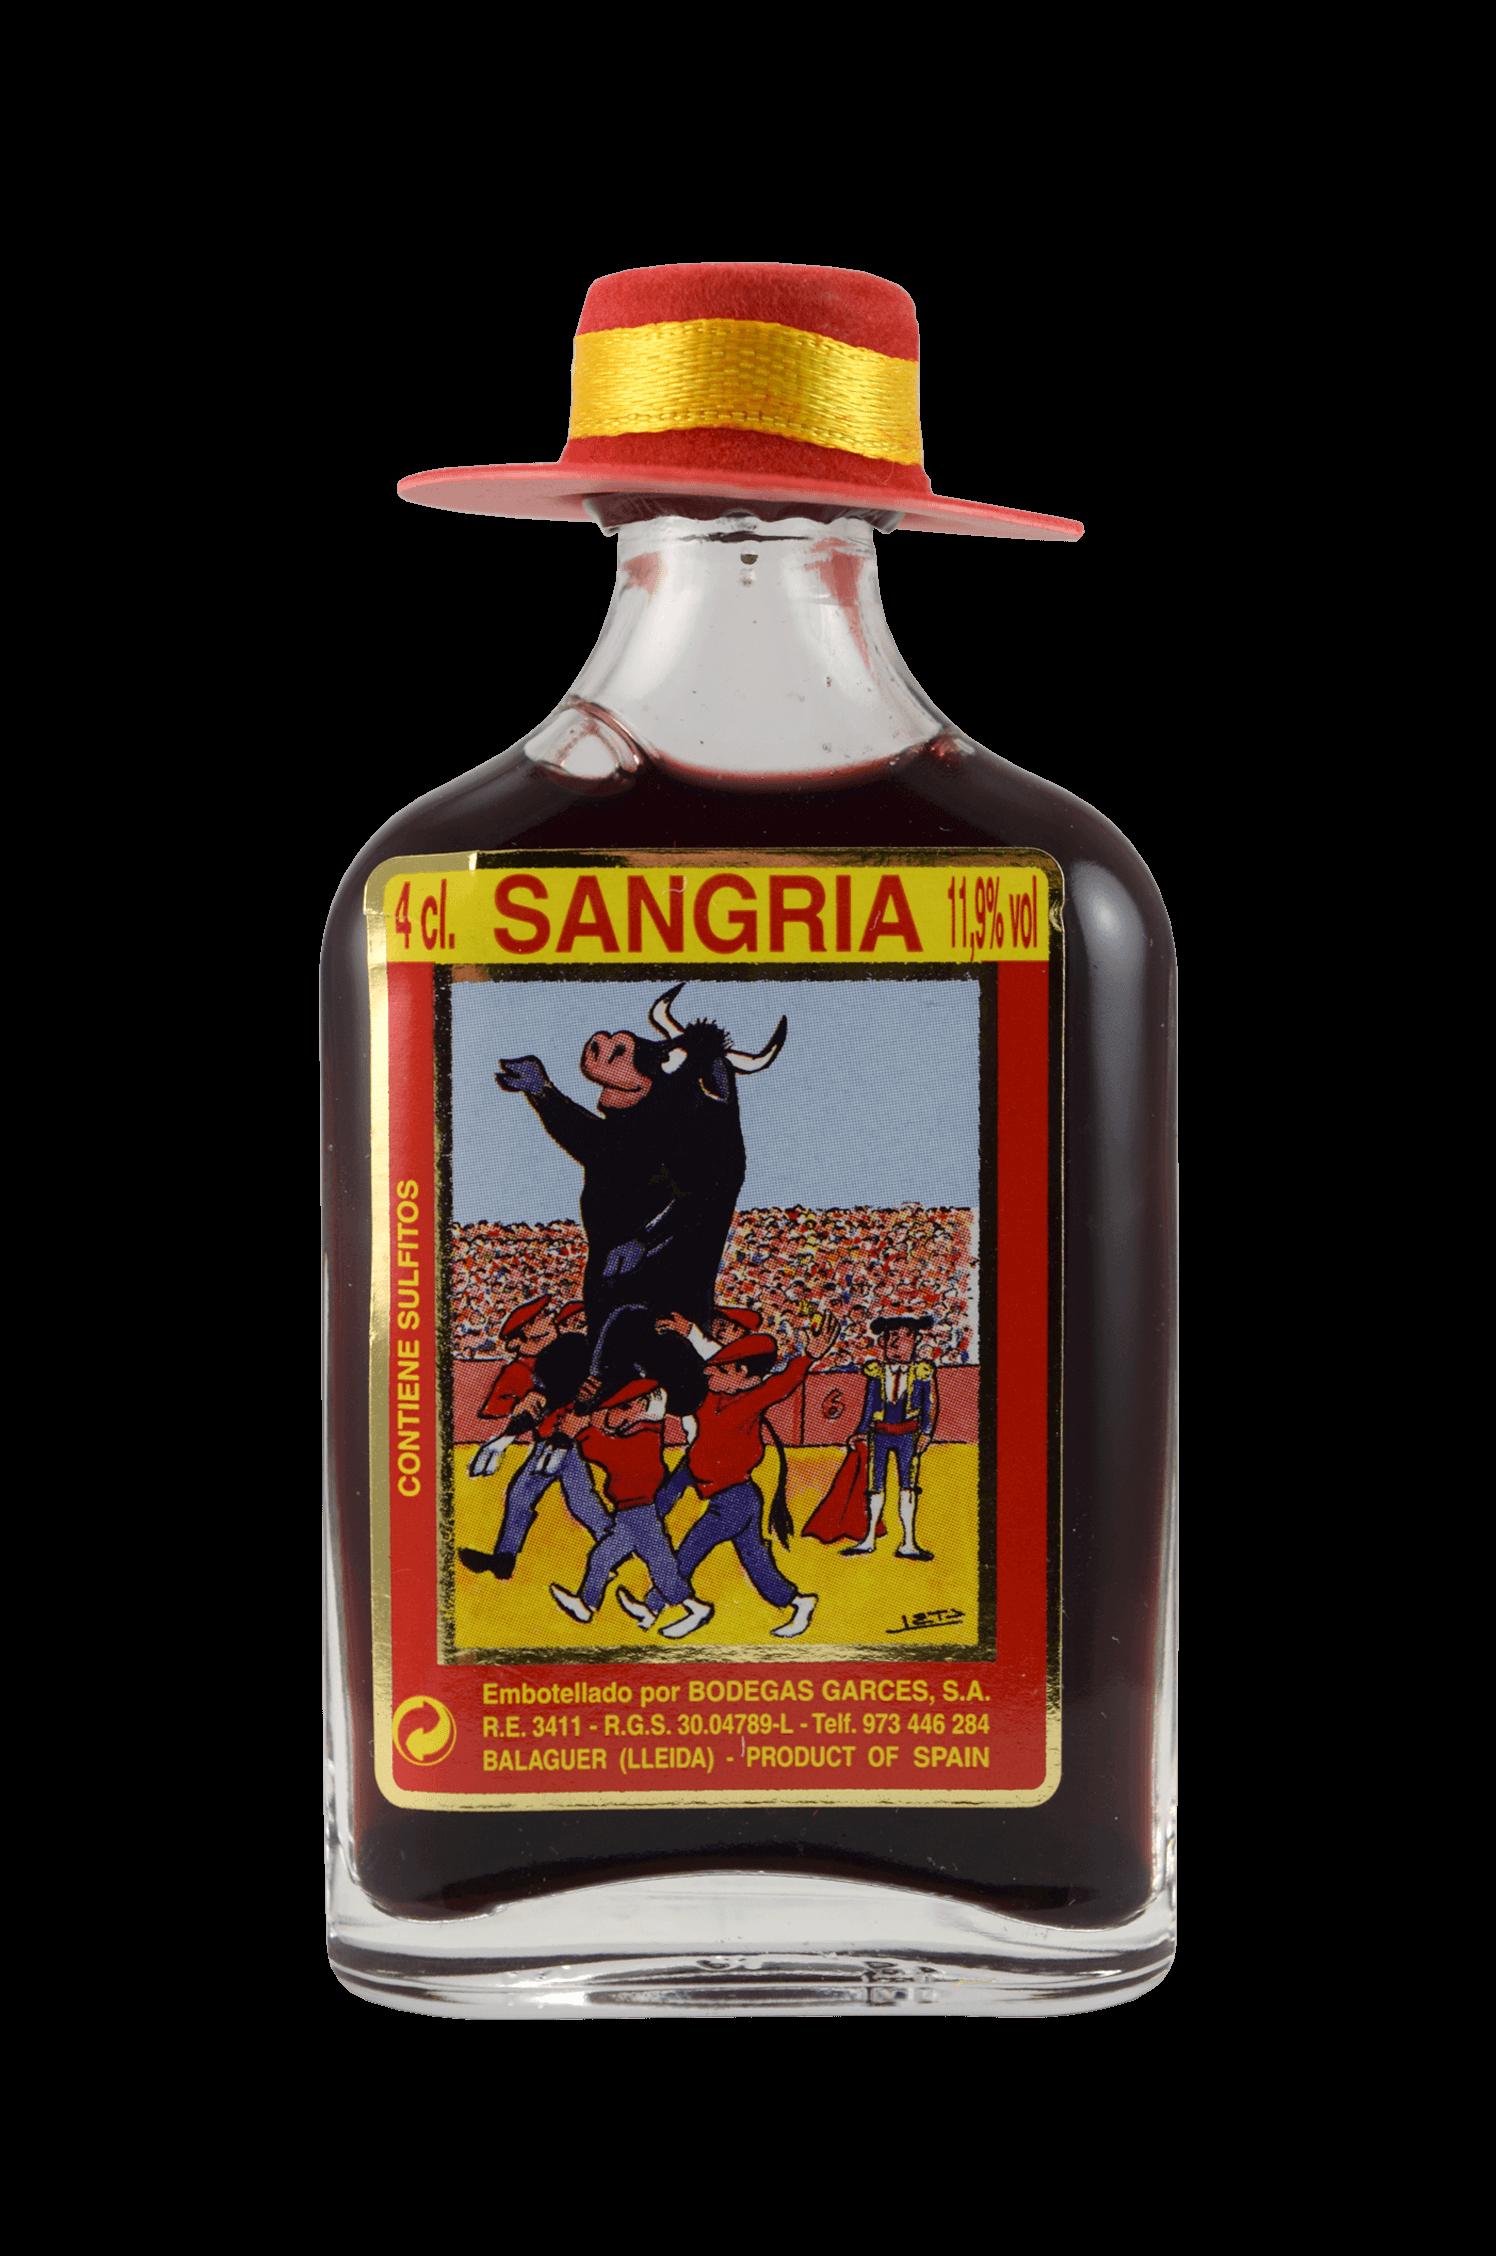 Sangria Toro